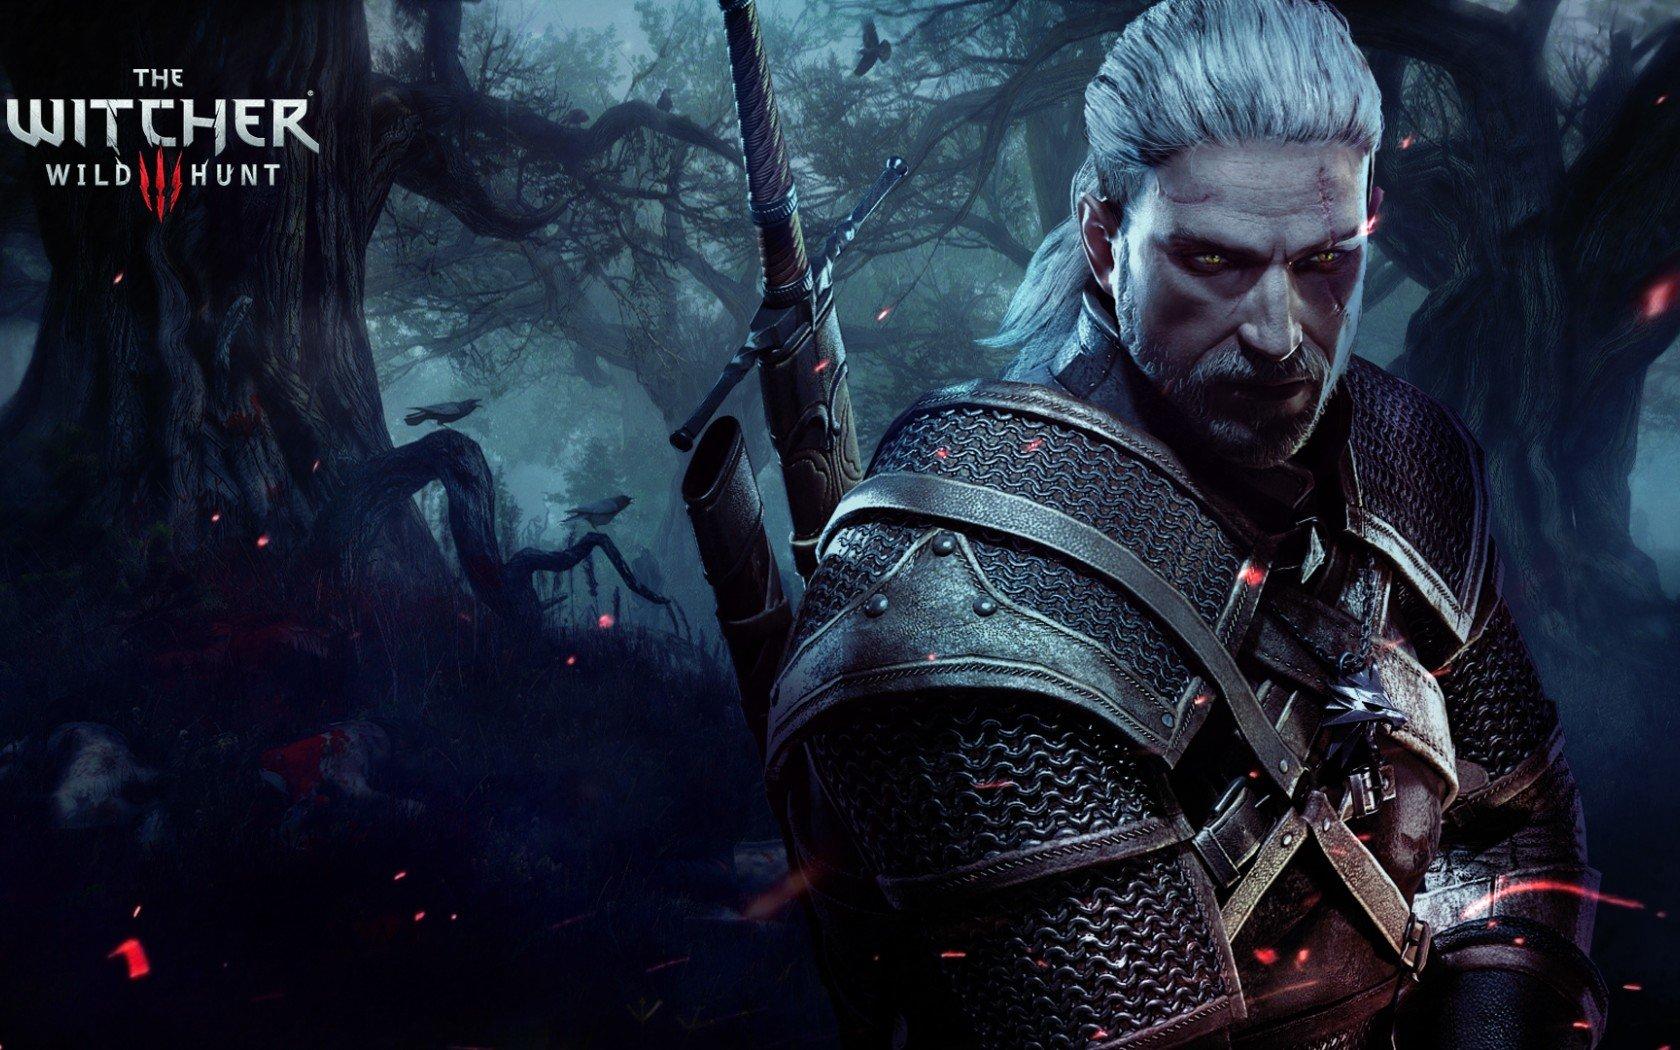 The Witcher 3: Wild Hunt. Все главное за прошедшее время и предстоящий показ.    После церемонии награждение TGA и п ... - Изображение 1